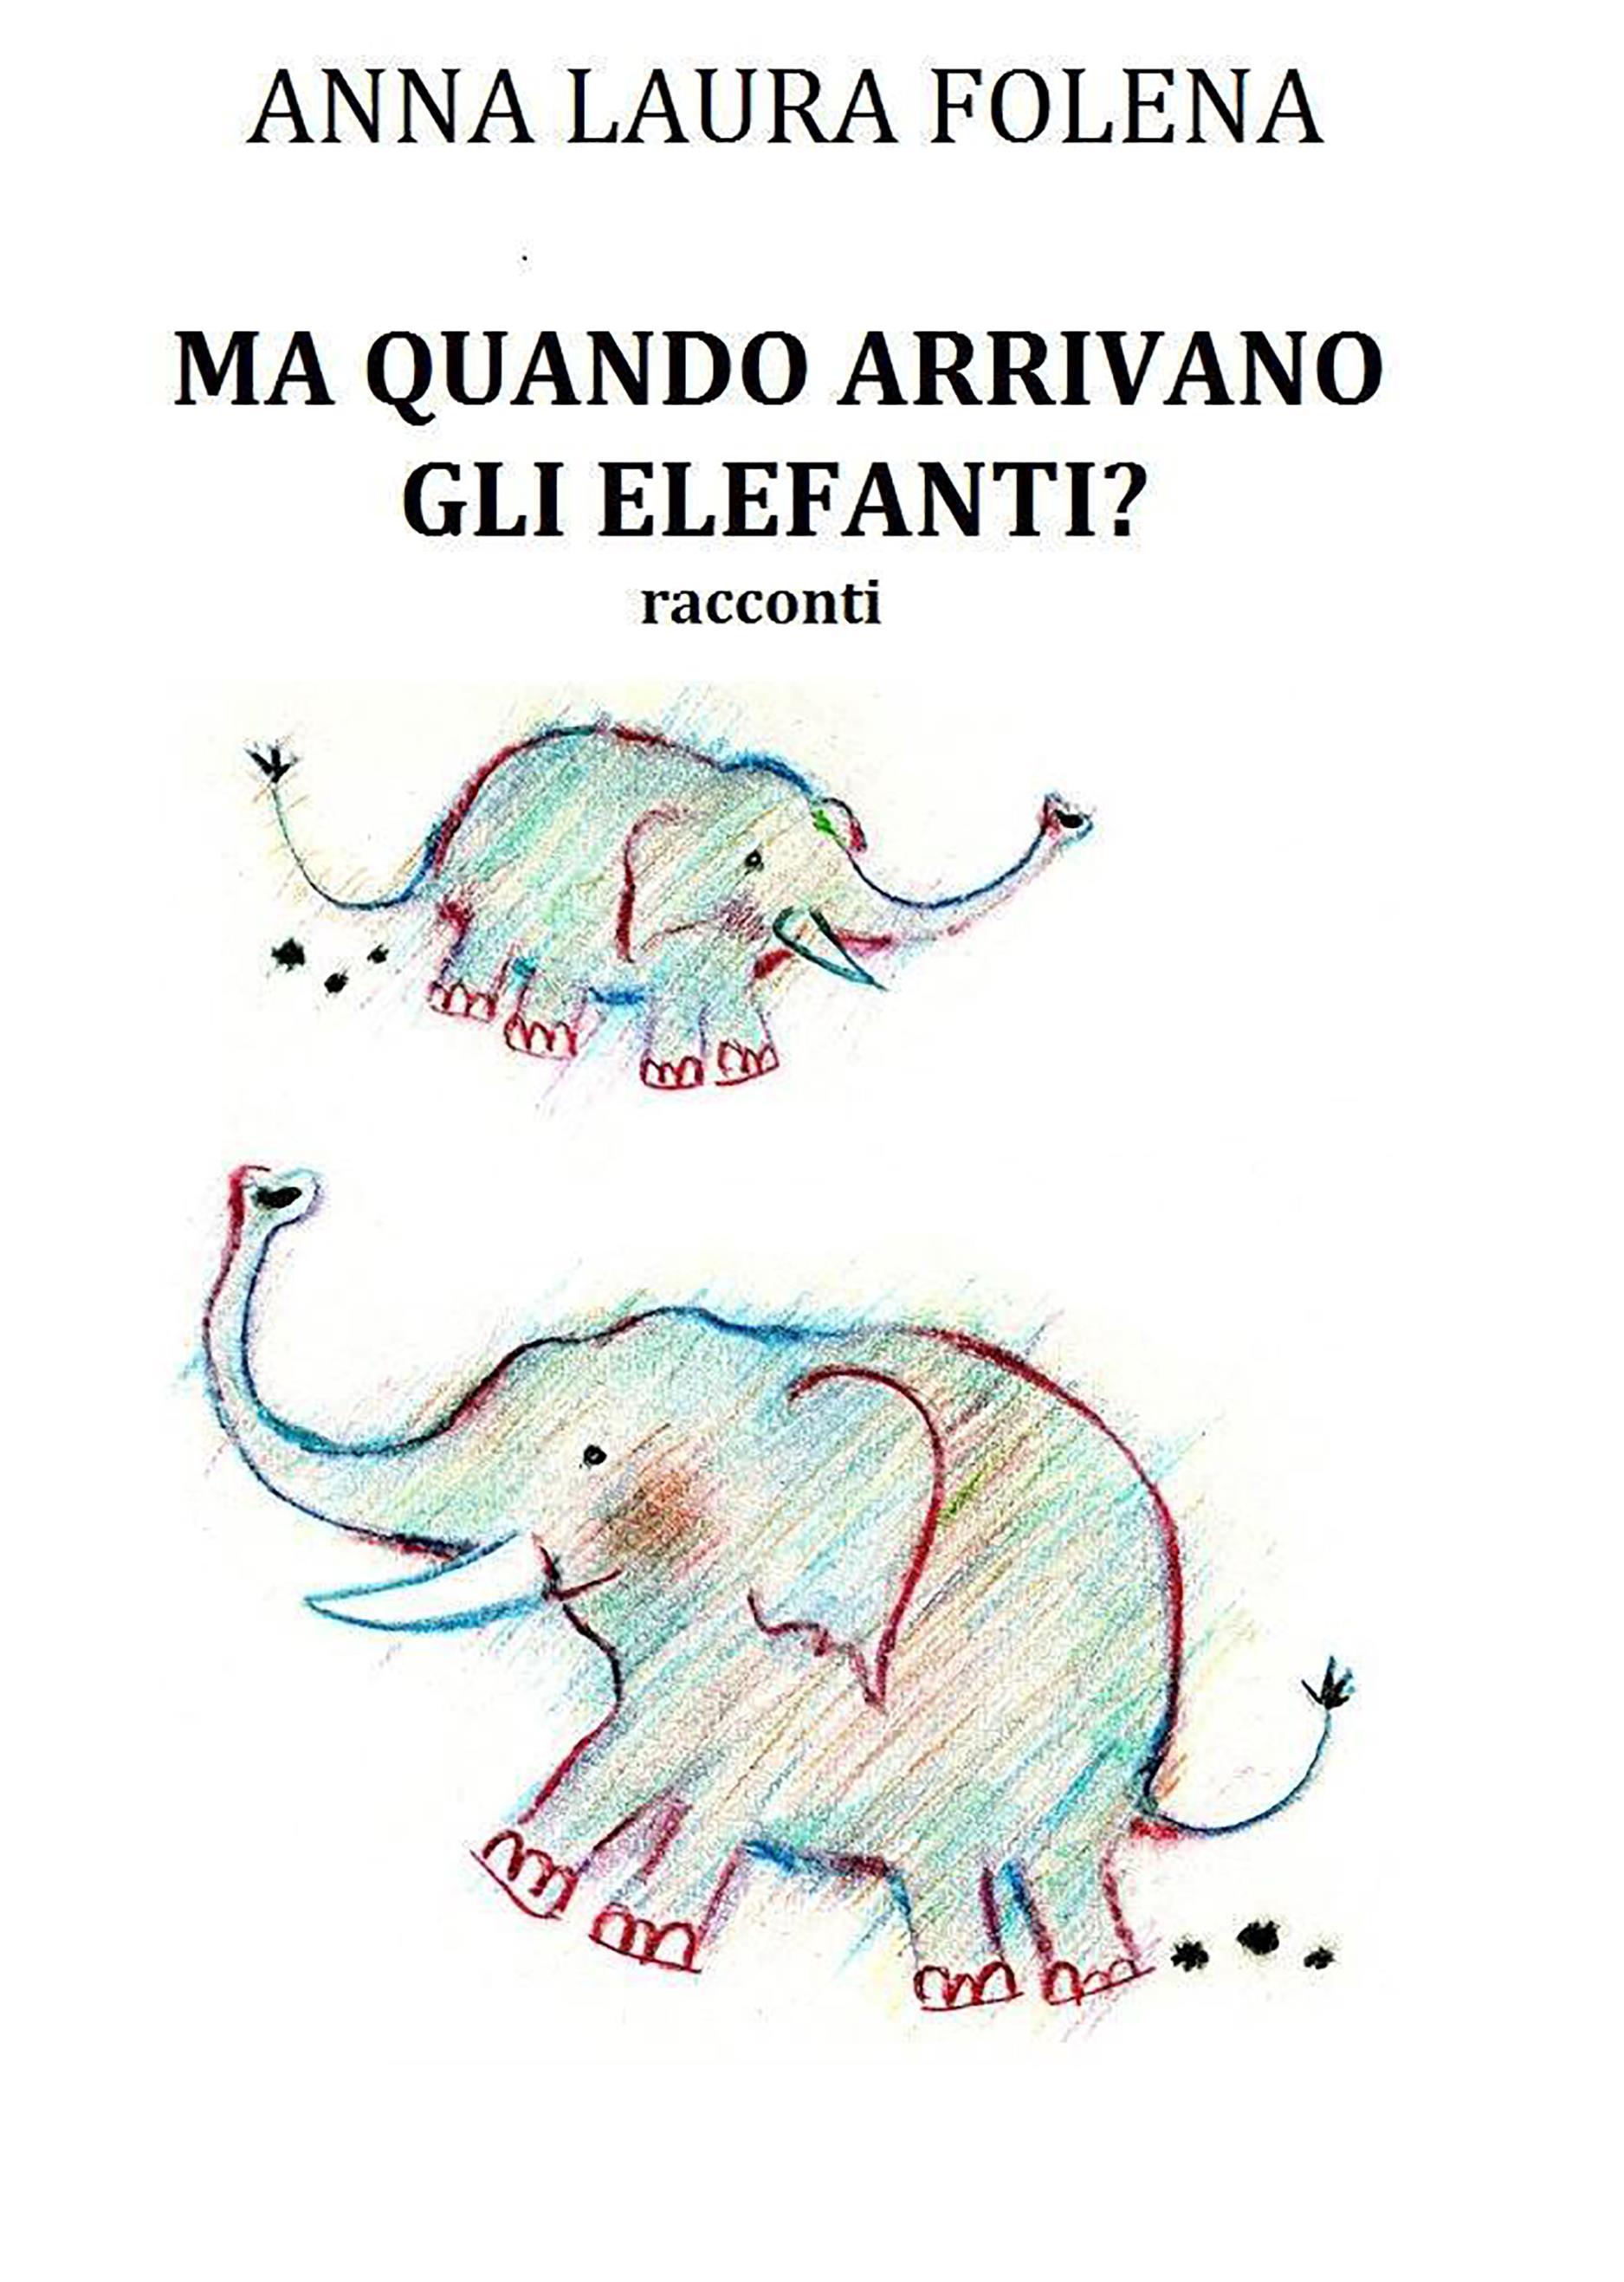 Ma quando arrivano gli elefanti?